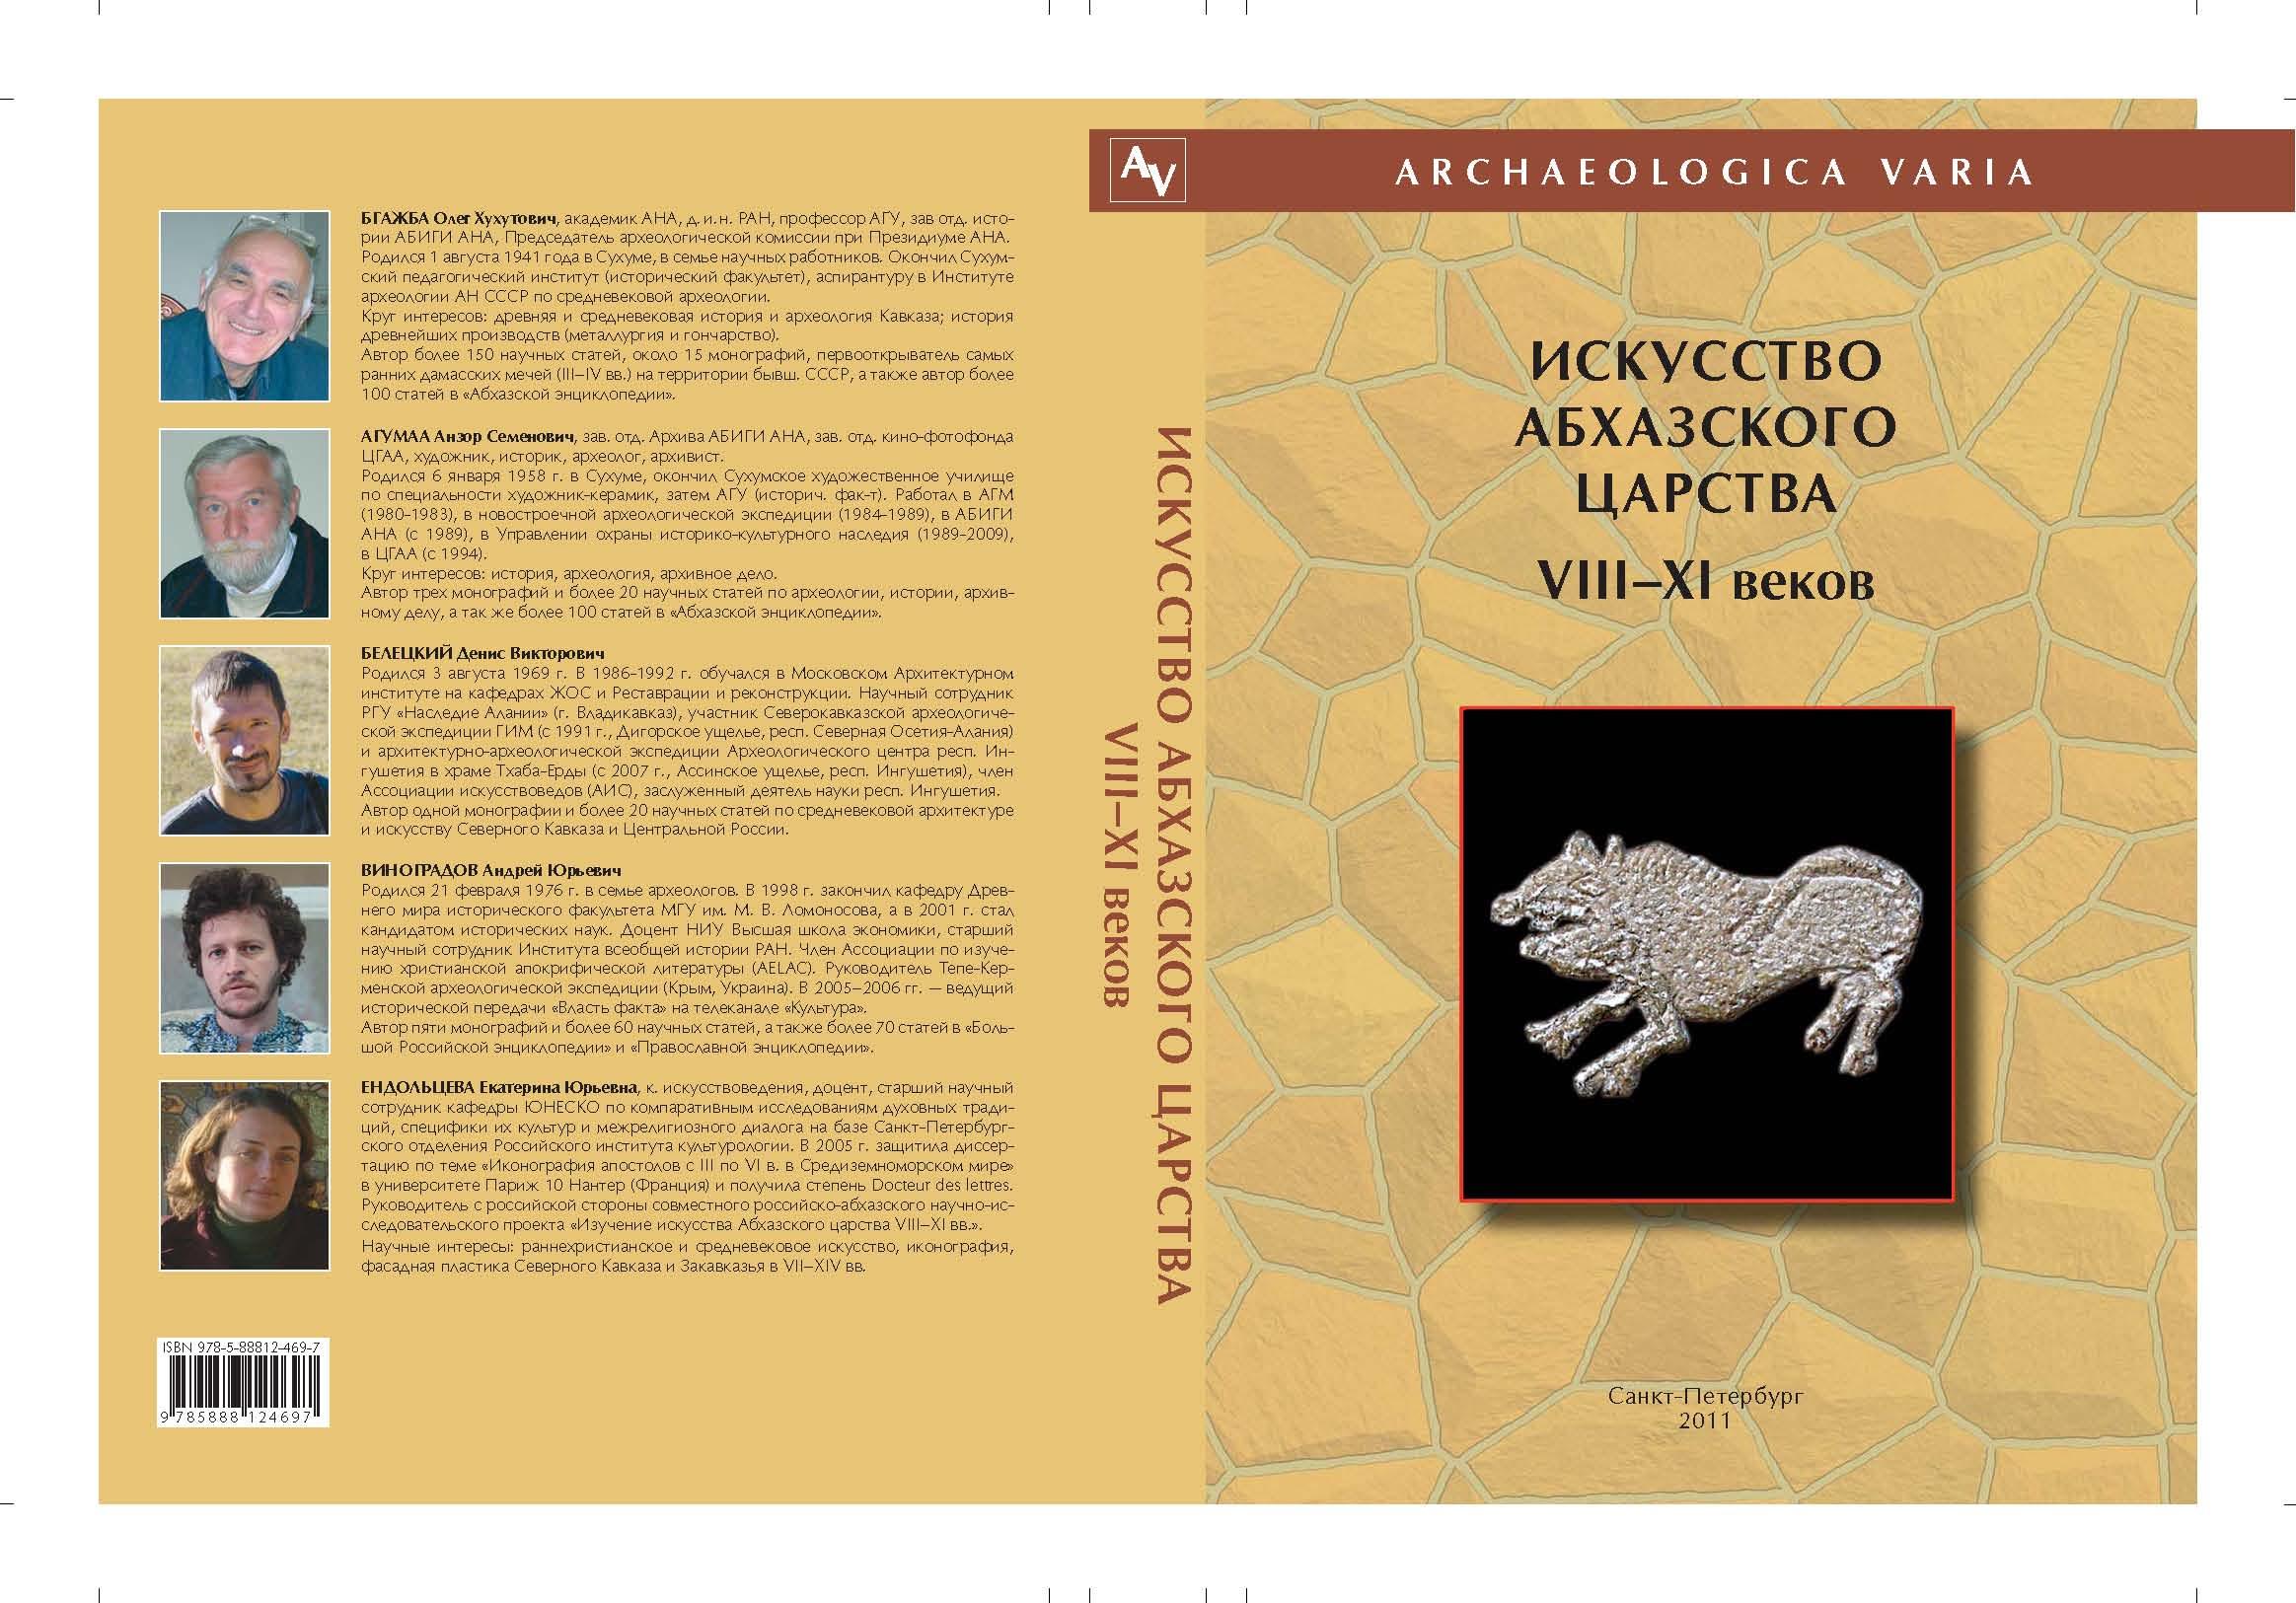 Искусство Абхазского царства VIII-XI веков. Христианские памятники Анакопийской крепости